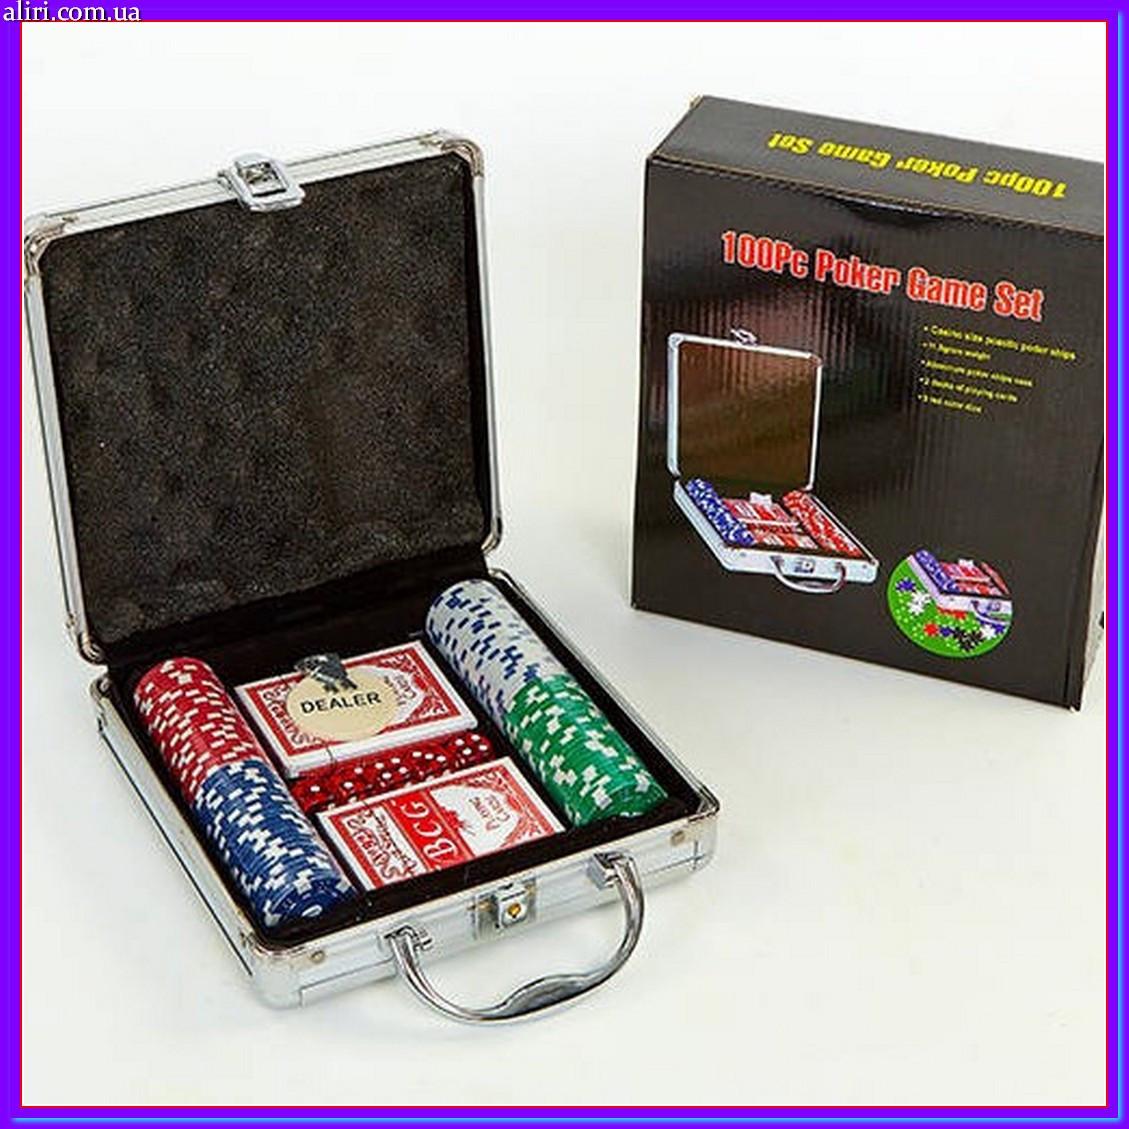 Профессиональный набор для покера на 100 фишек без номинала в алюминиевом кейсе